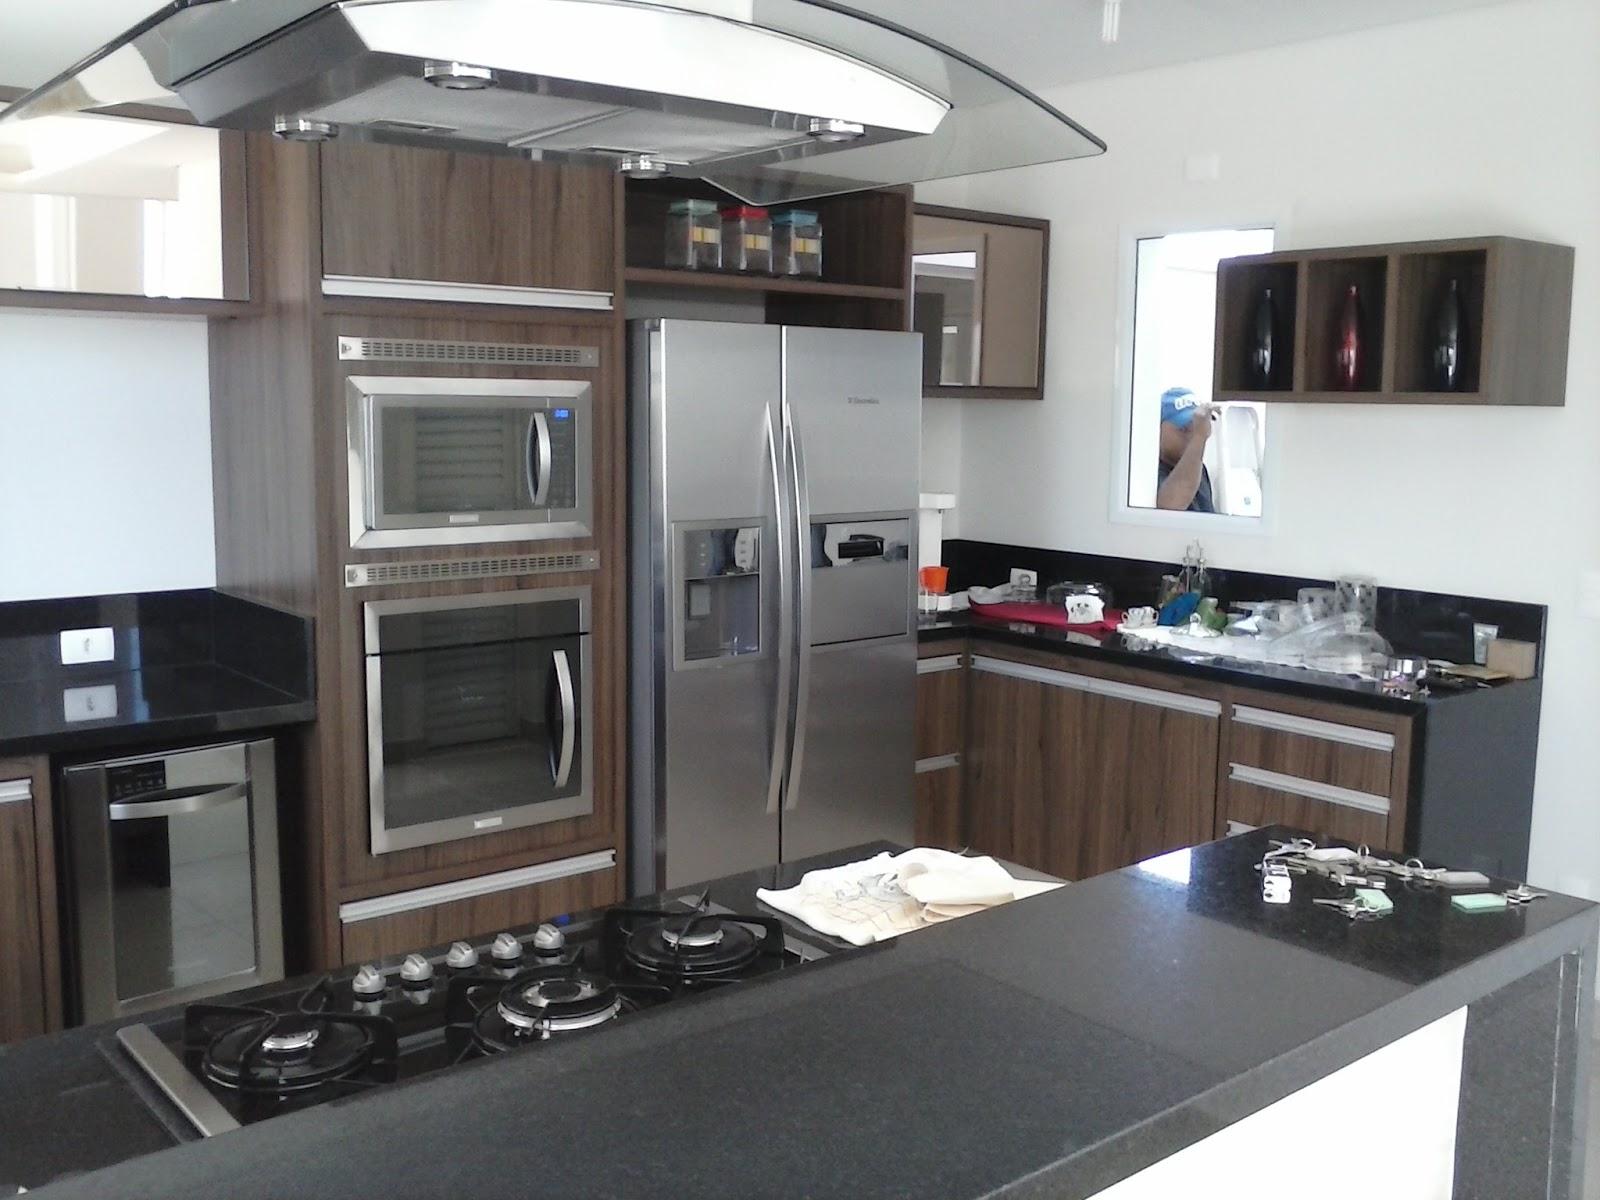 #576274 Móveis & Design o Bom Gosto em sua casa: cozinha moderna alto padrão 1600x1200 px Cozinha Casa Design_397 Imagens